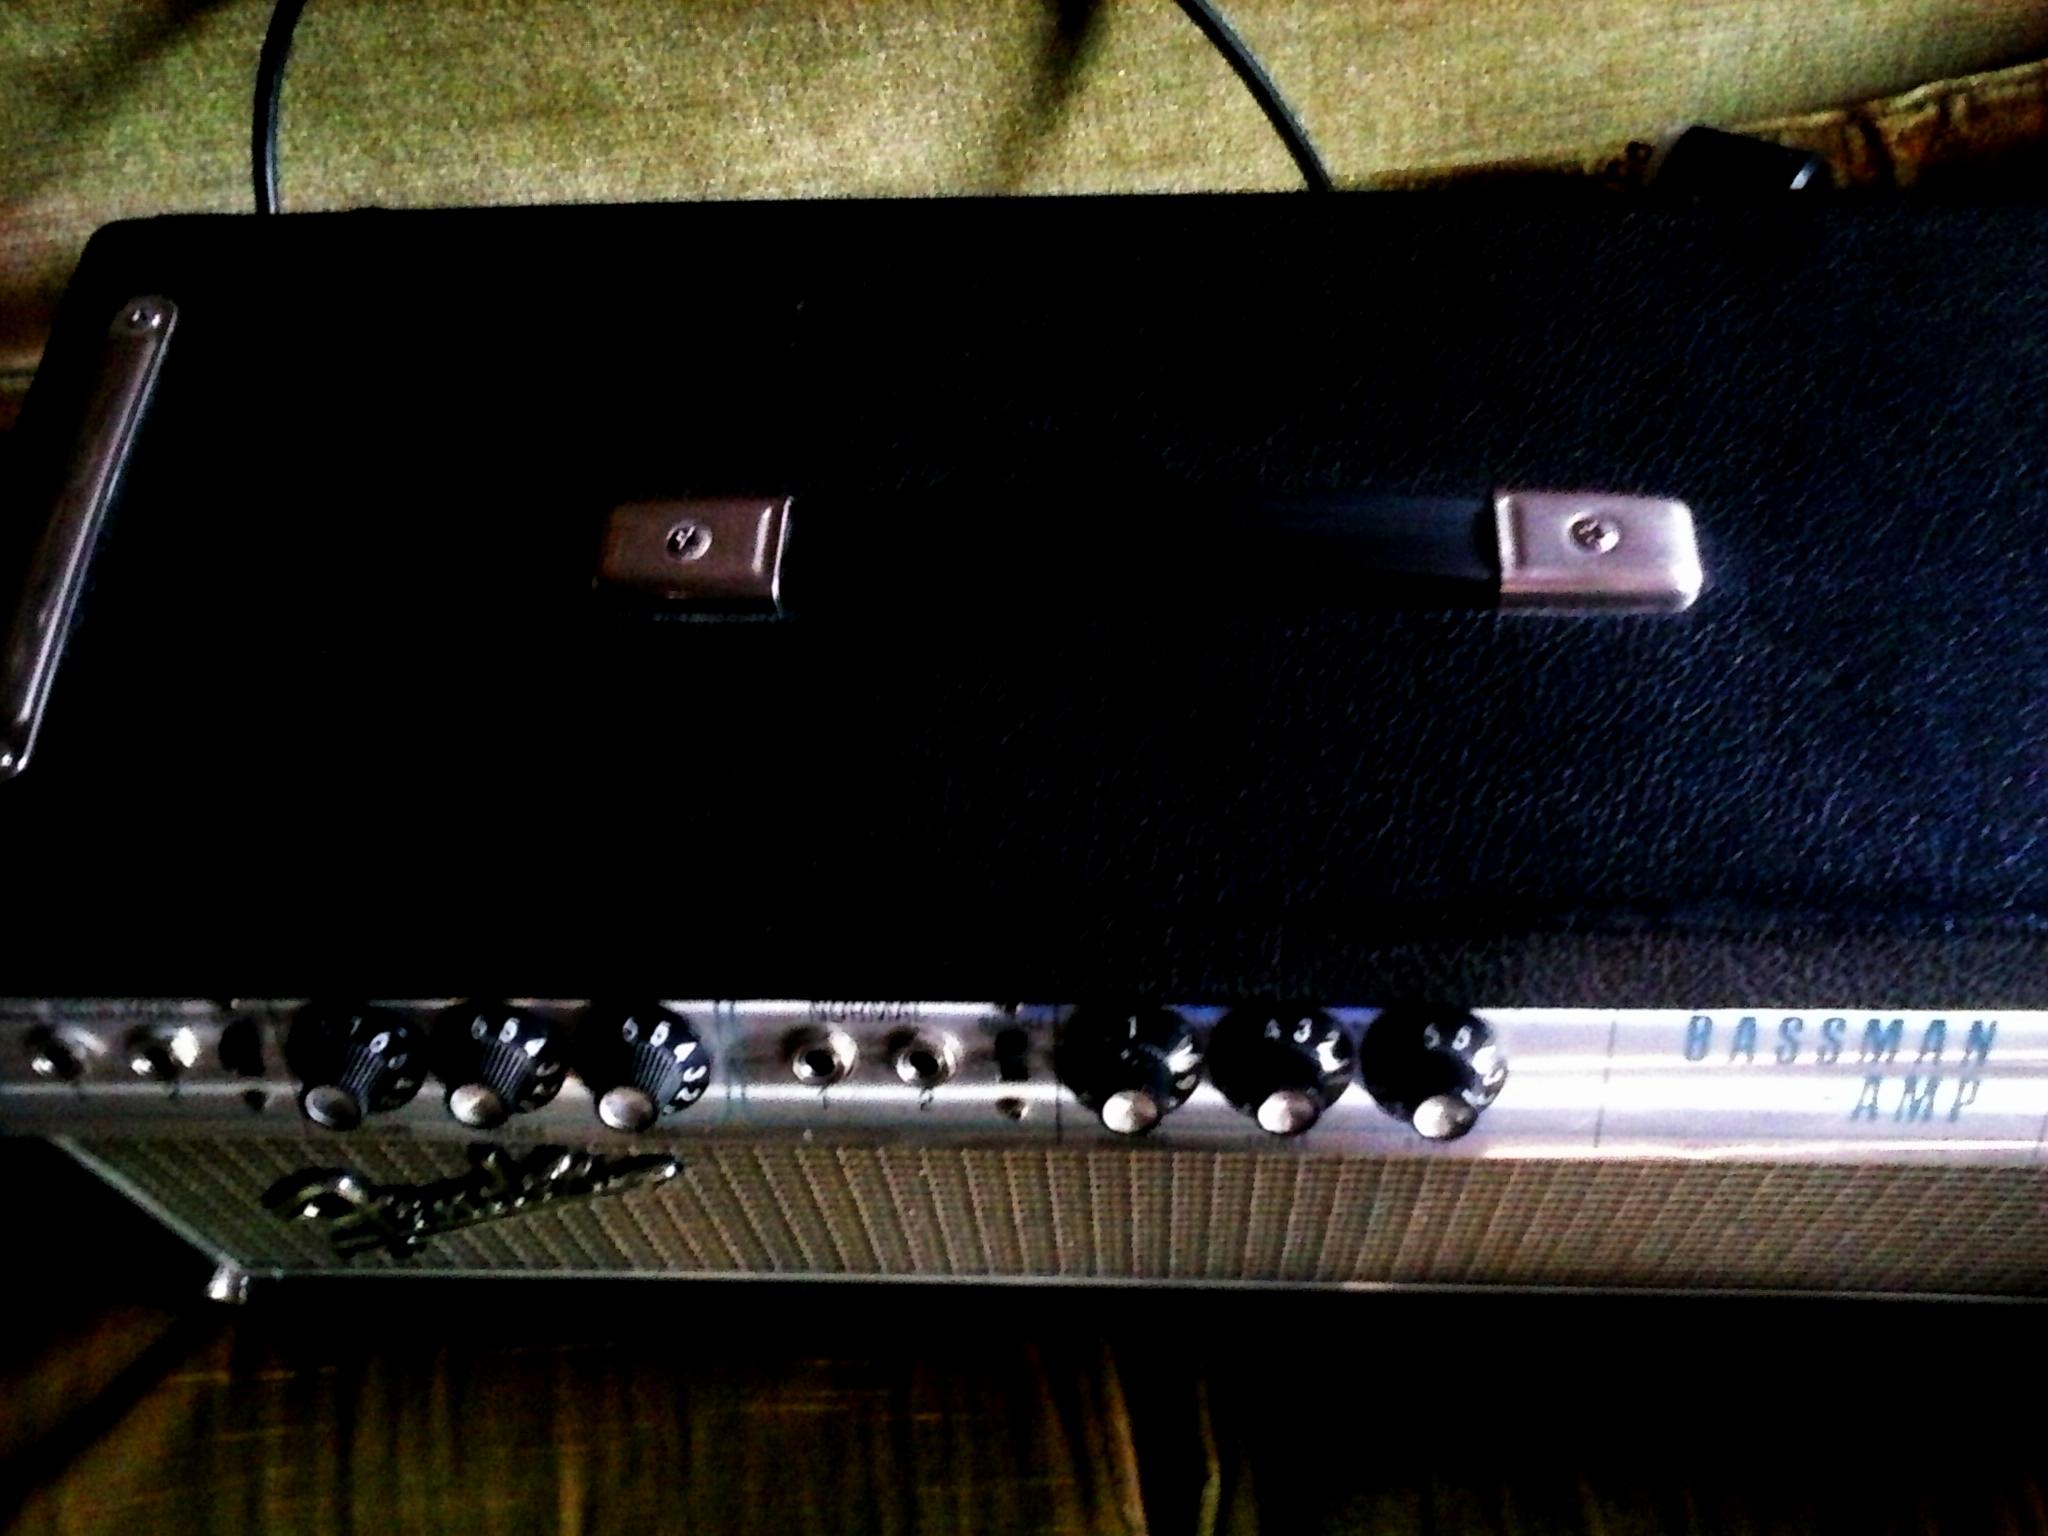 Dating silverface bassman 50